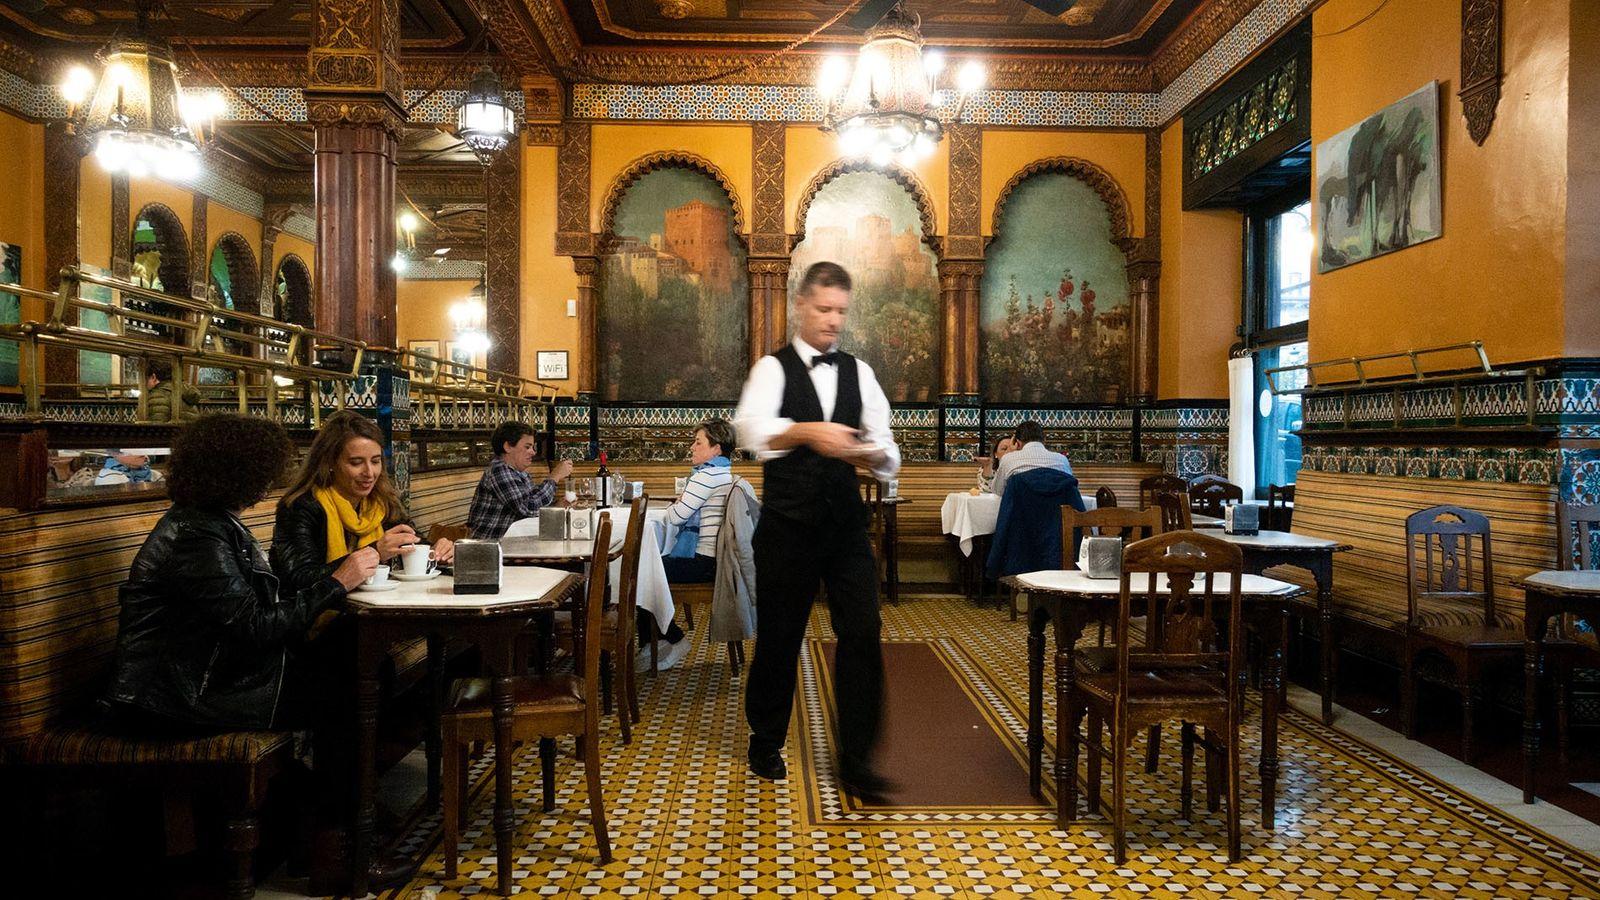 Overlooking the Jardines de Albia since it opened its doors in 1903, Café Iruña still feels like ...